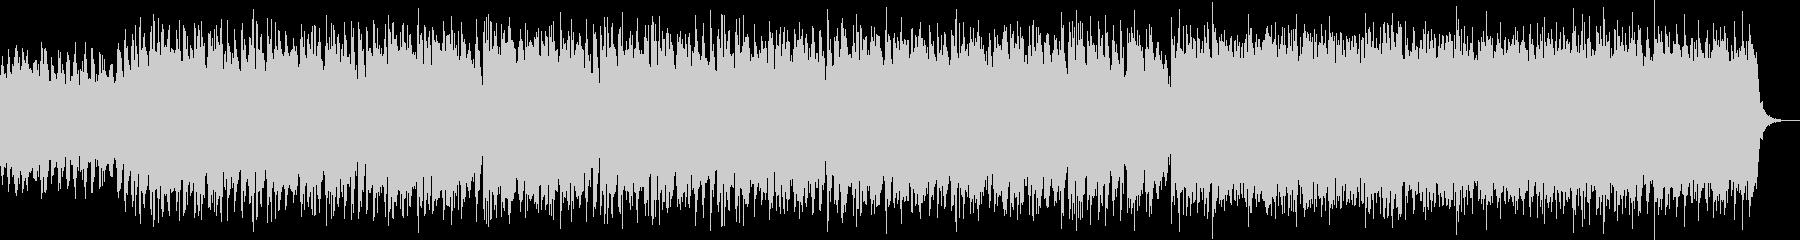 激しいストリングスが特徴的なBGMの未再生の波形